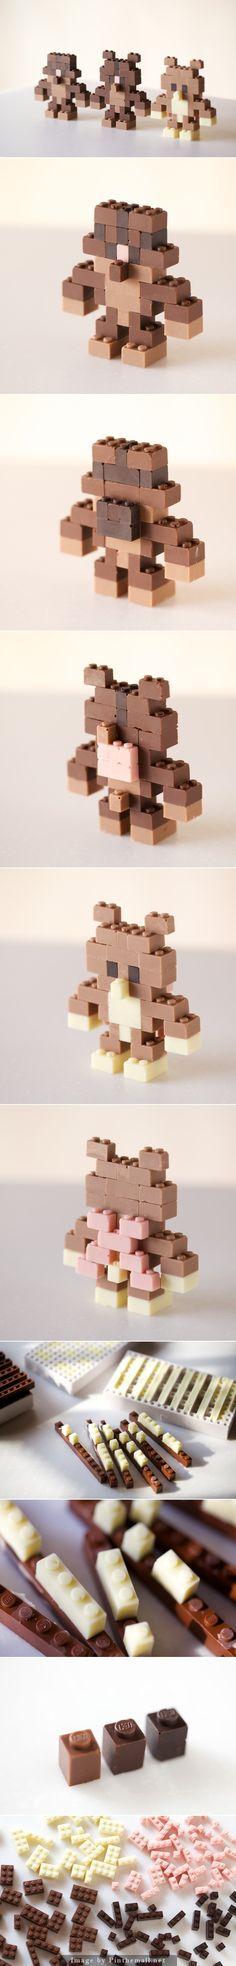 CHOCOLATE LEGO : ACGUY by Akihiro Mizuuchi